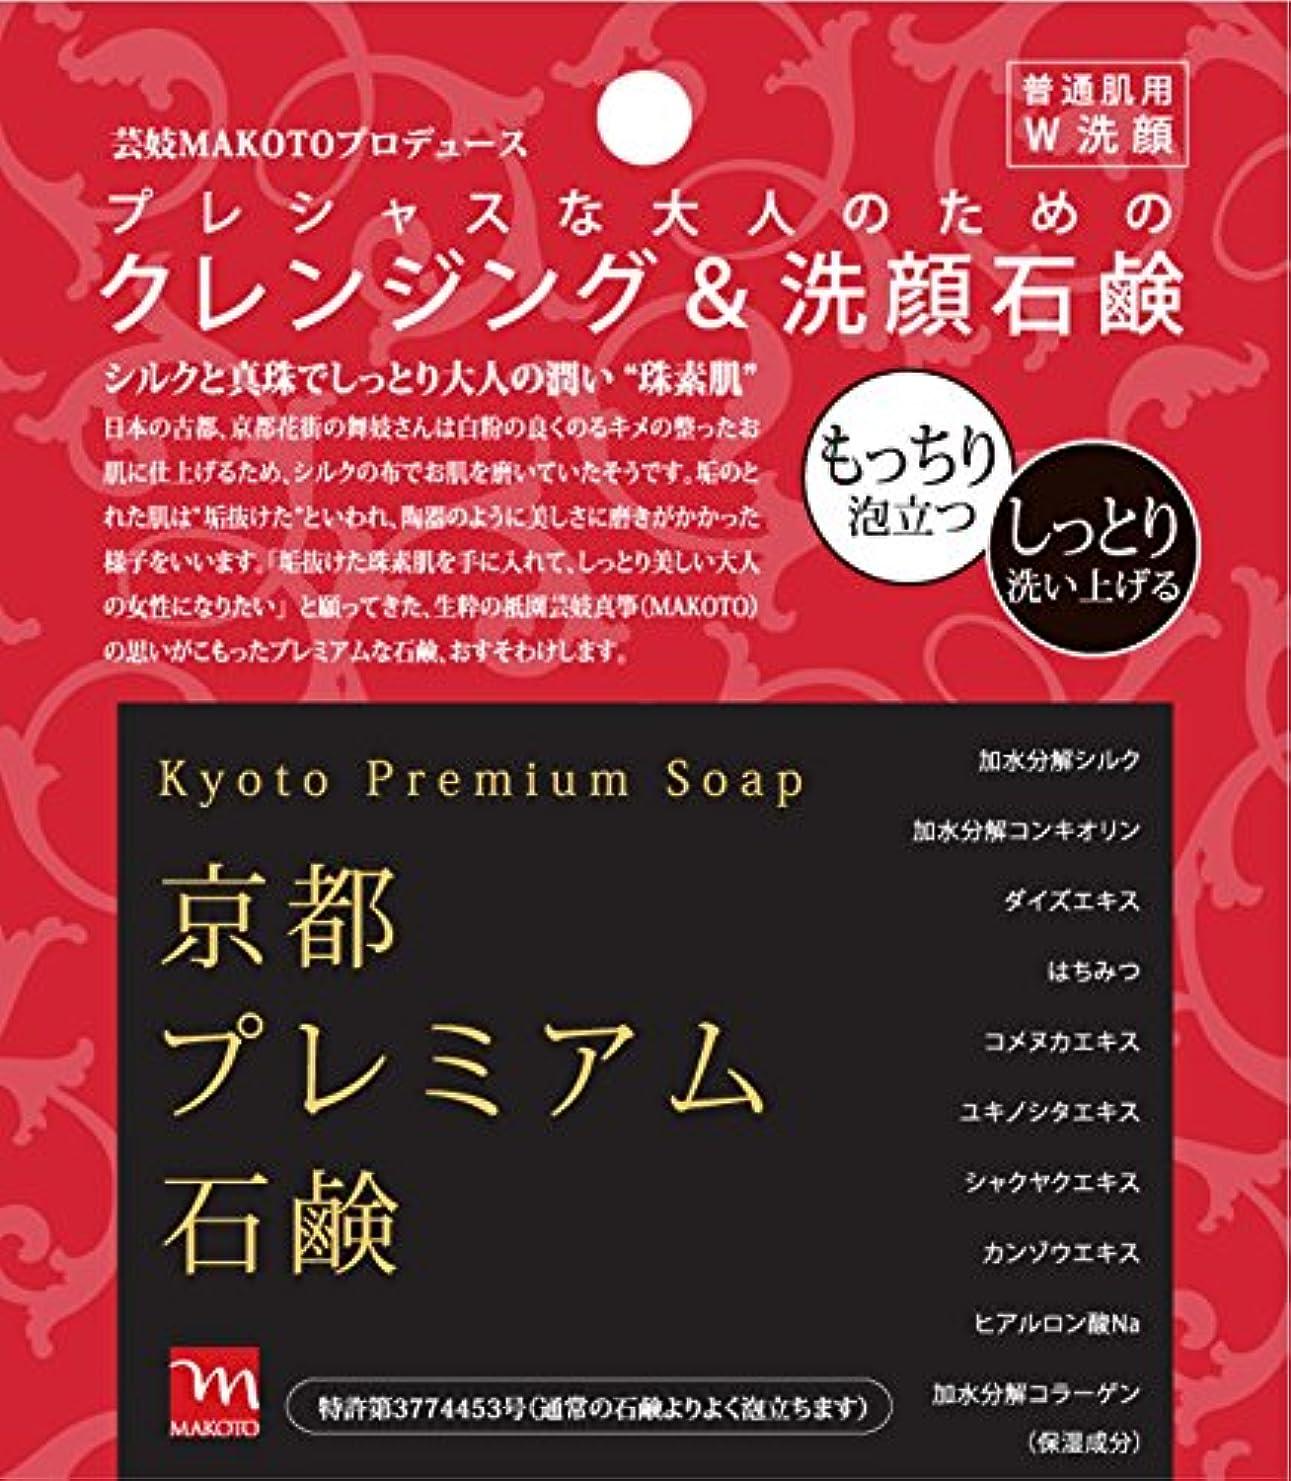 前売悲惨なインポート京都プレミアム石鹸 クレンジング&洗顔石鹸 しっとり もっちり 芸妓さん監修